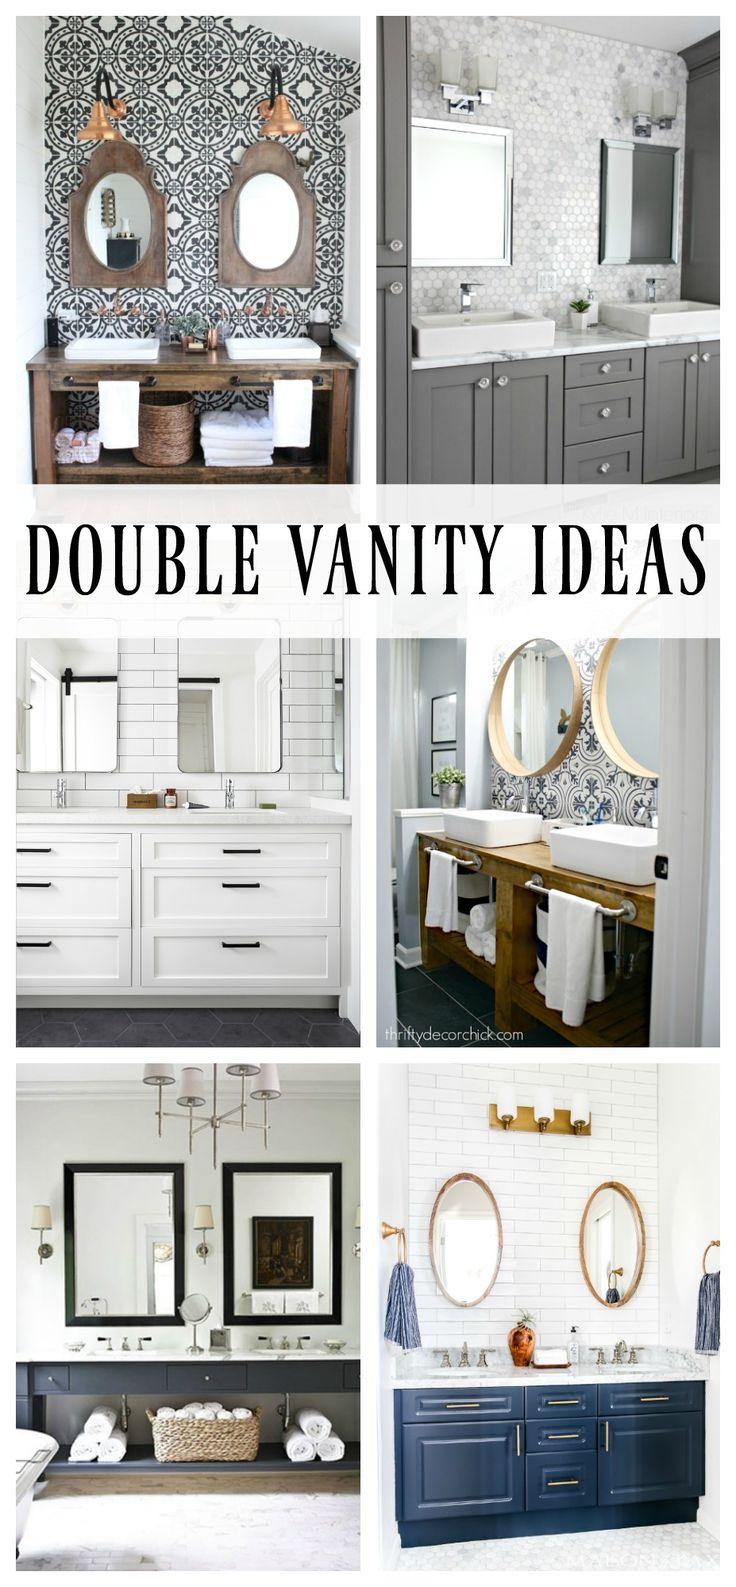 Diy Meubles And Relooking Double Vanity Ideas Pour Votre